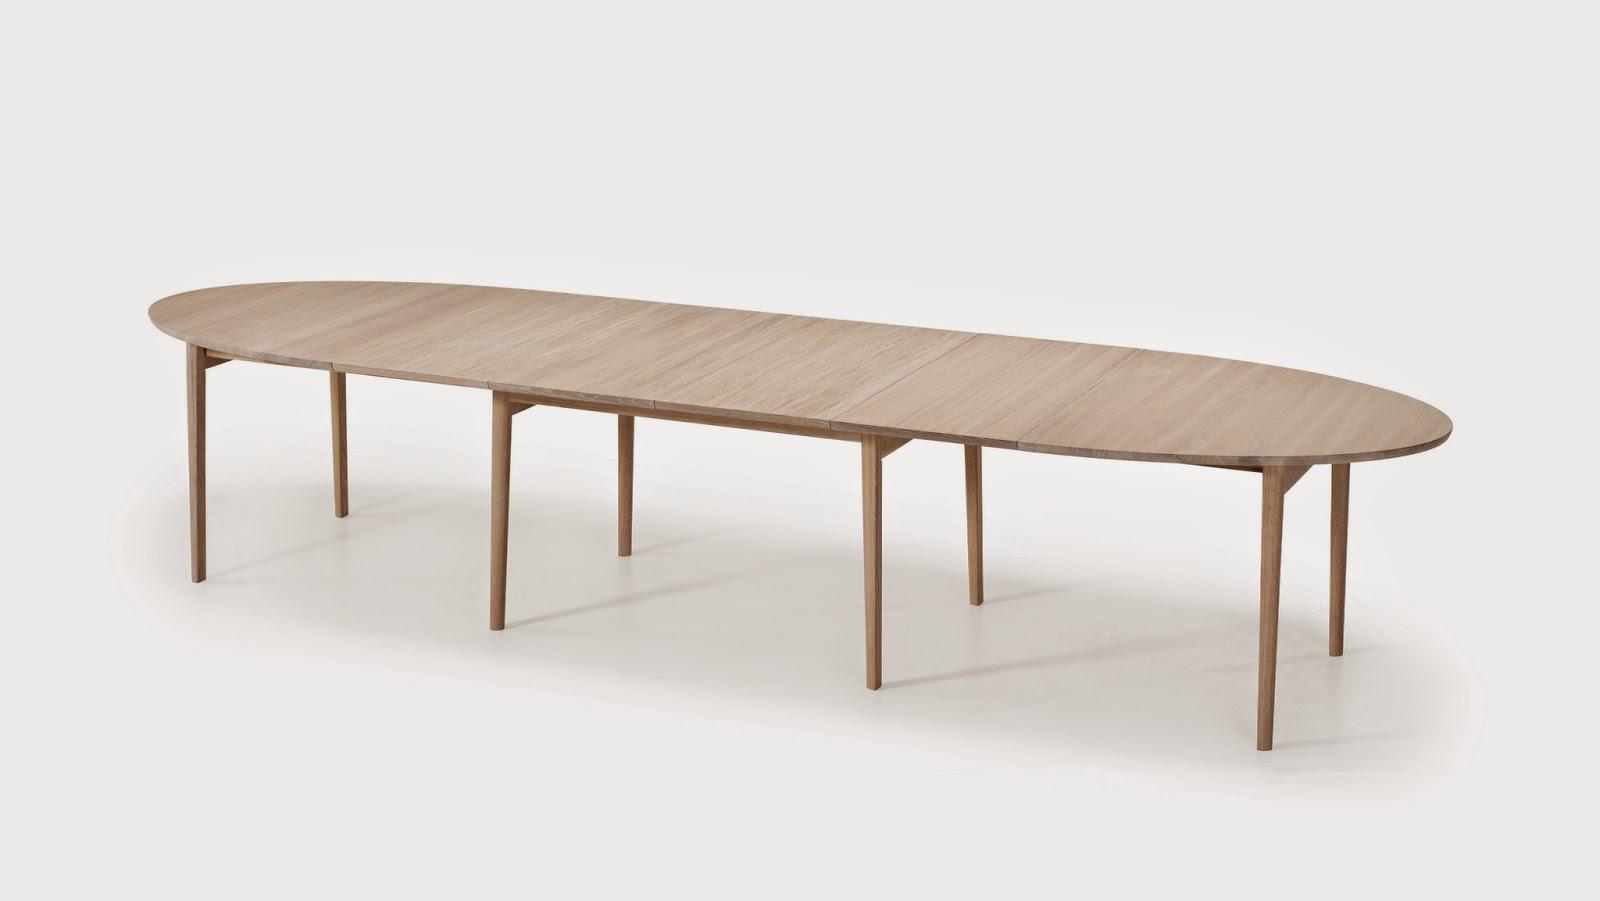 Ovale tafel sm 78 noordkaap meubelen for Ovale tafel